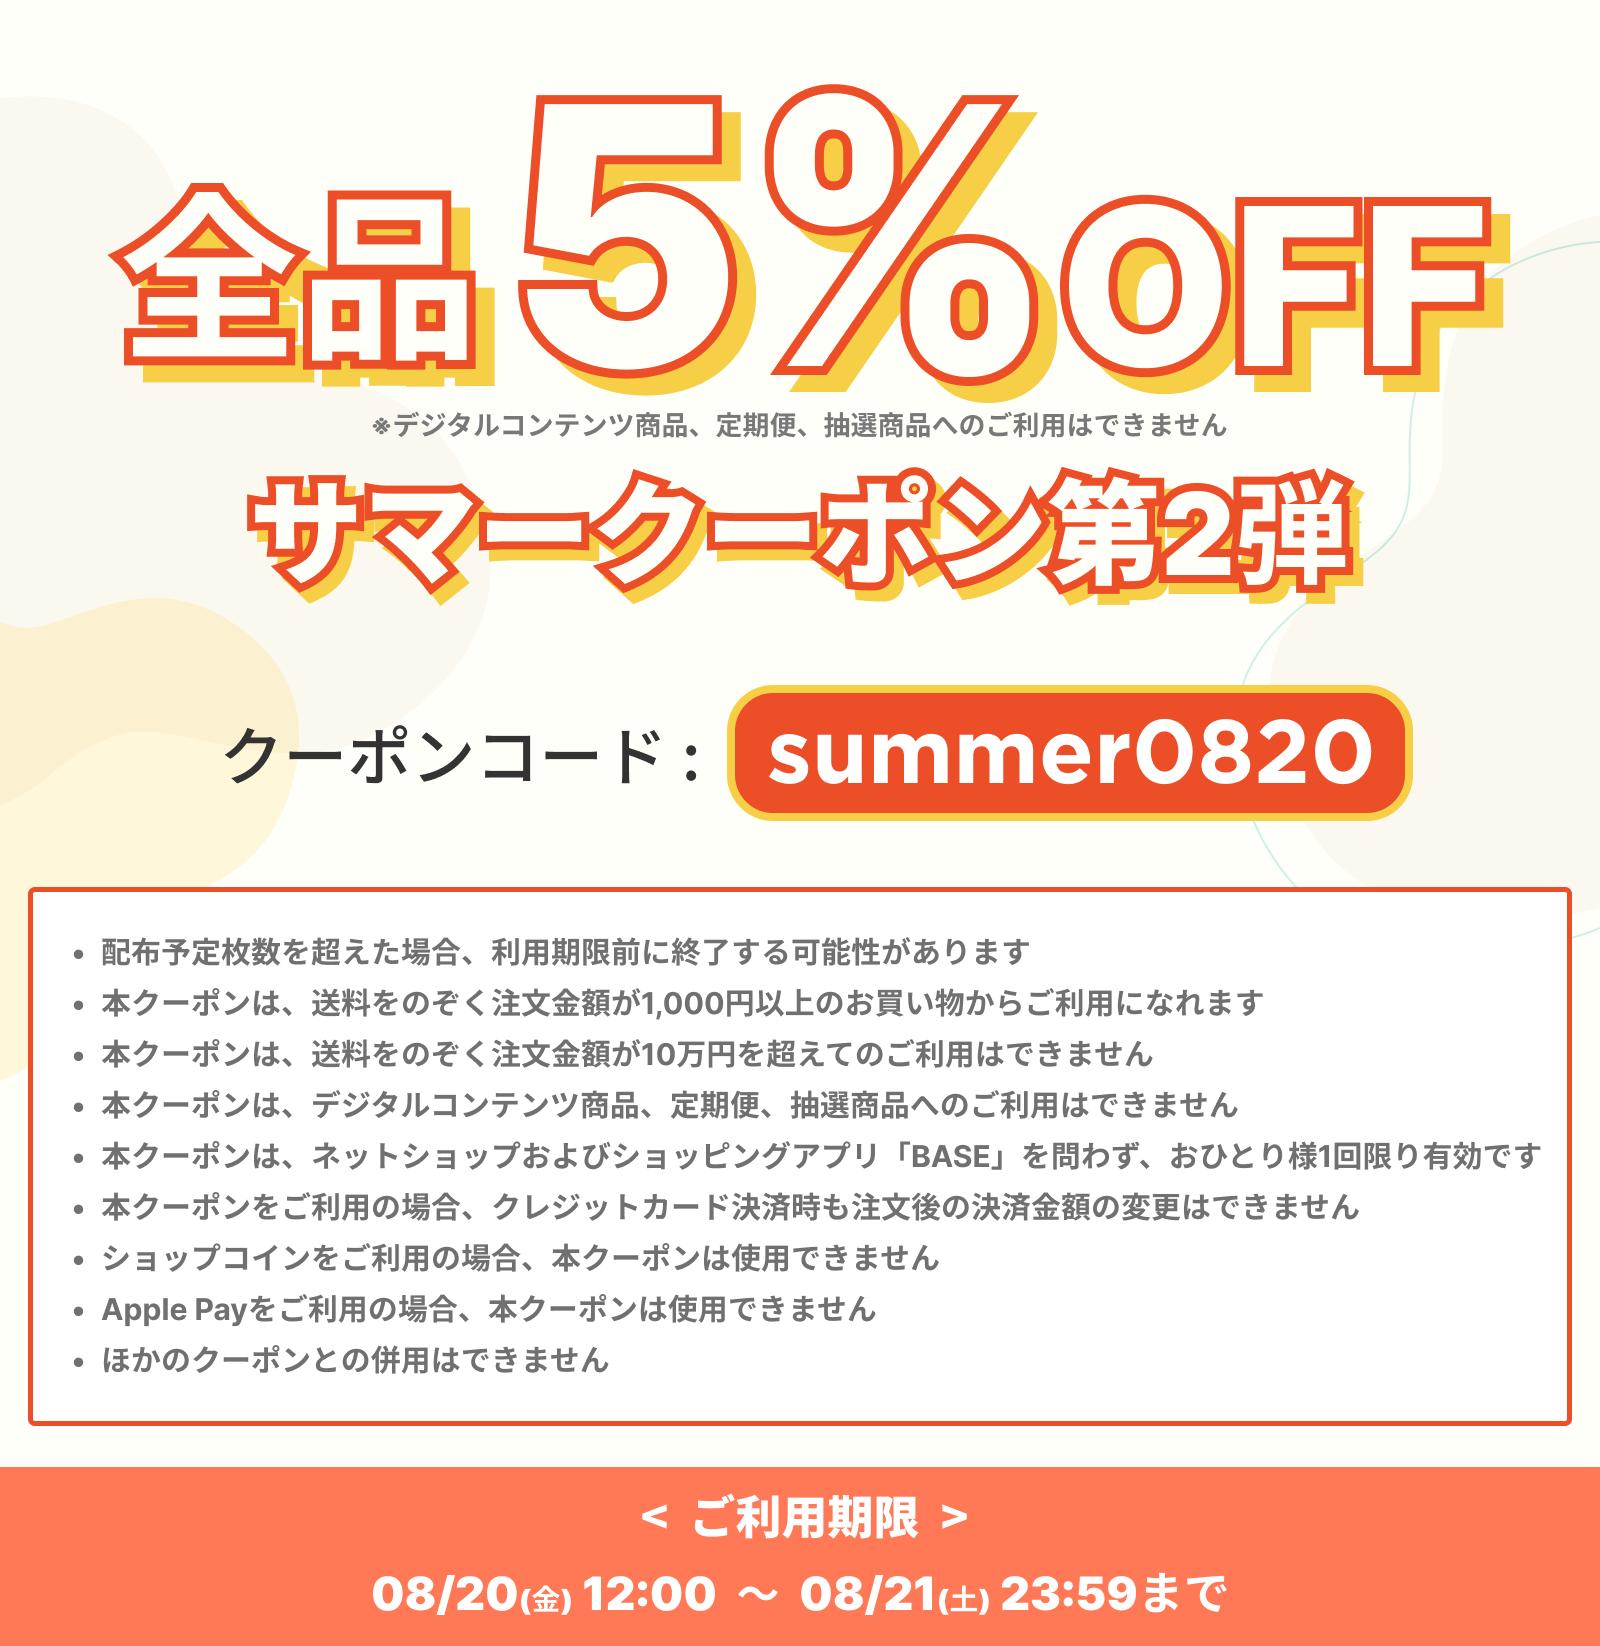 8/20(金)正午より!!36時間限定5%OFFクーポン配布中!!